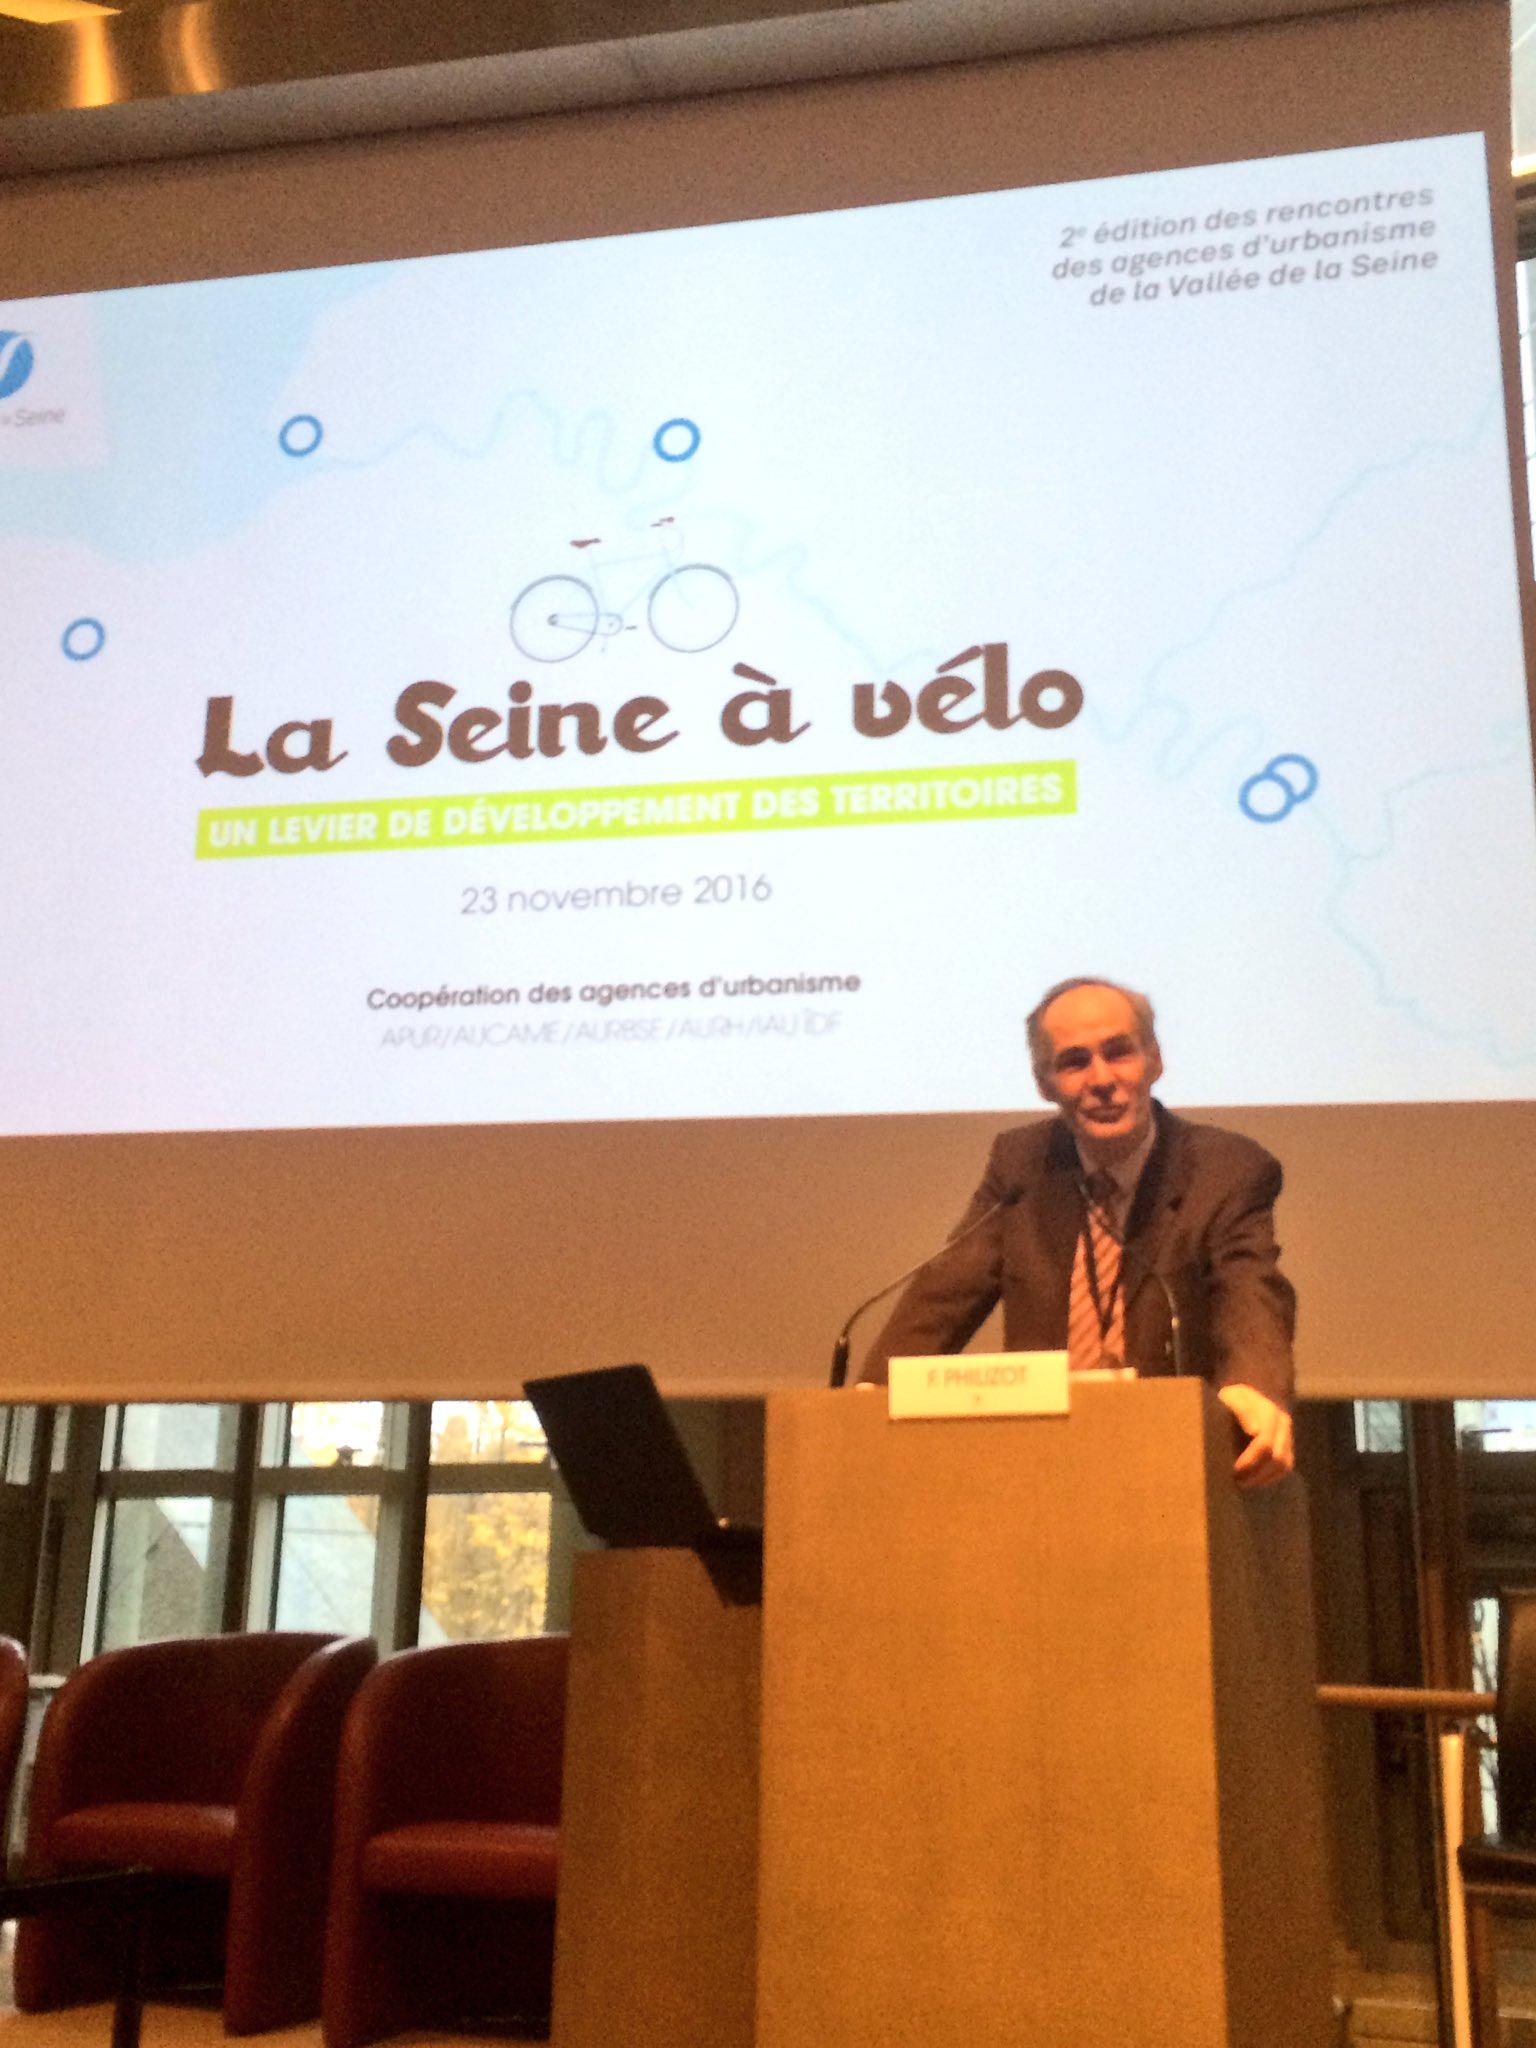 Ouverture du colloque #veloseine par François Philizot https://t.co/NxrkEm1Fxp